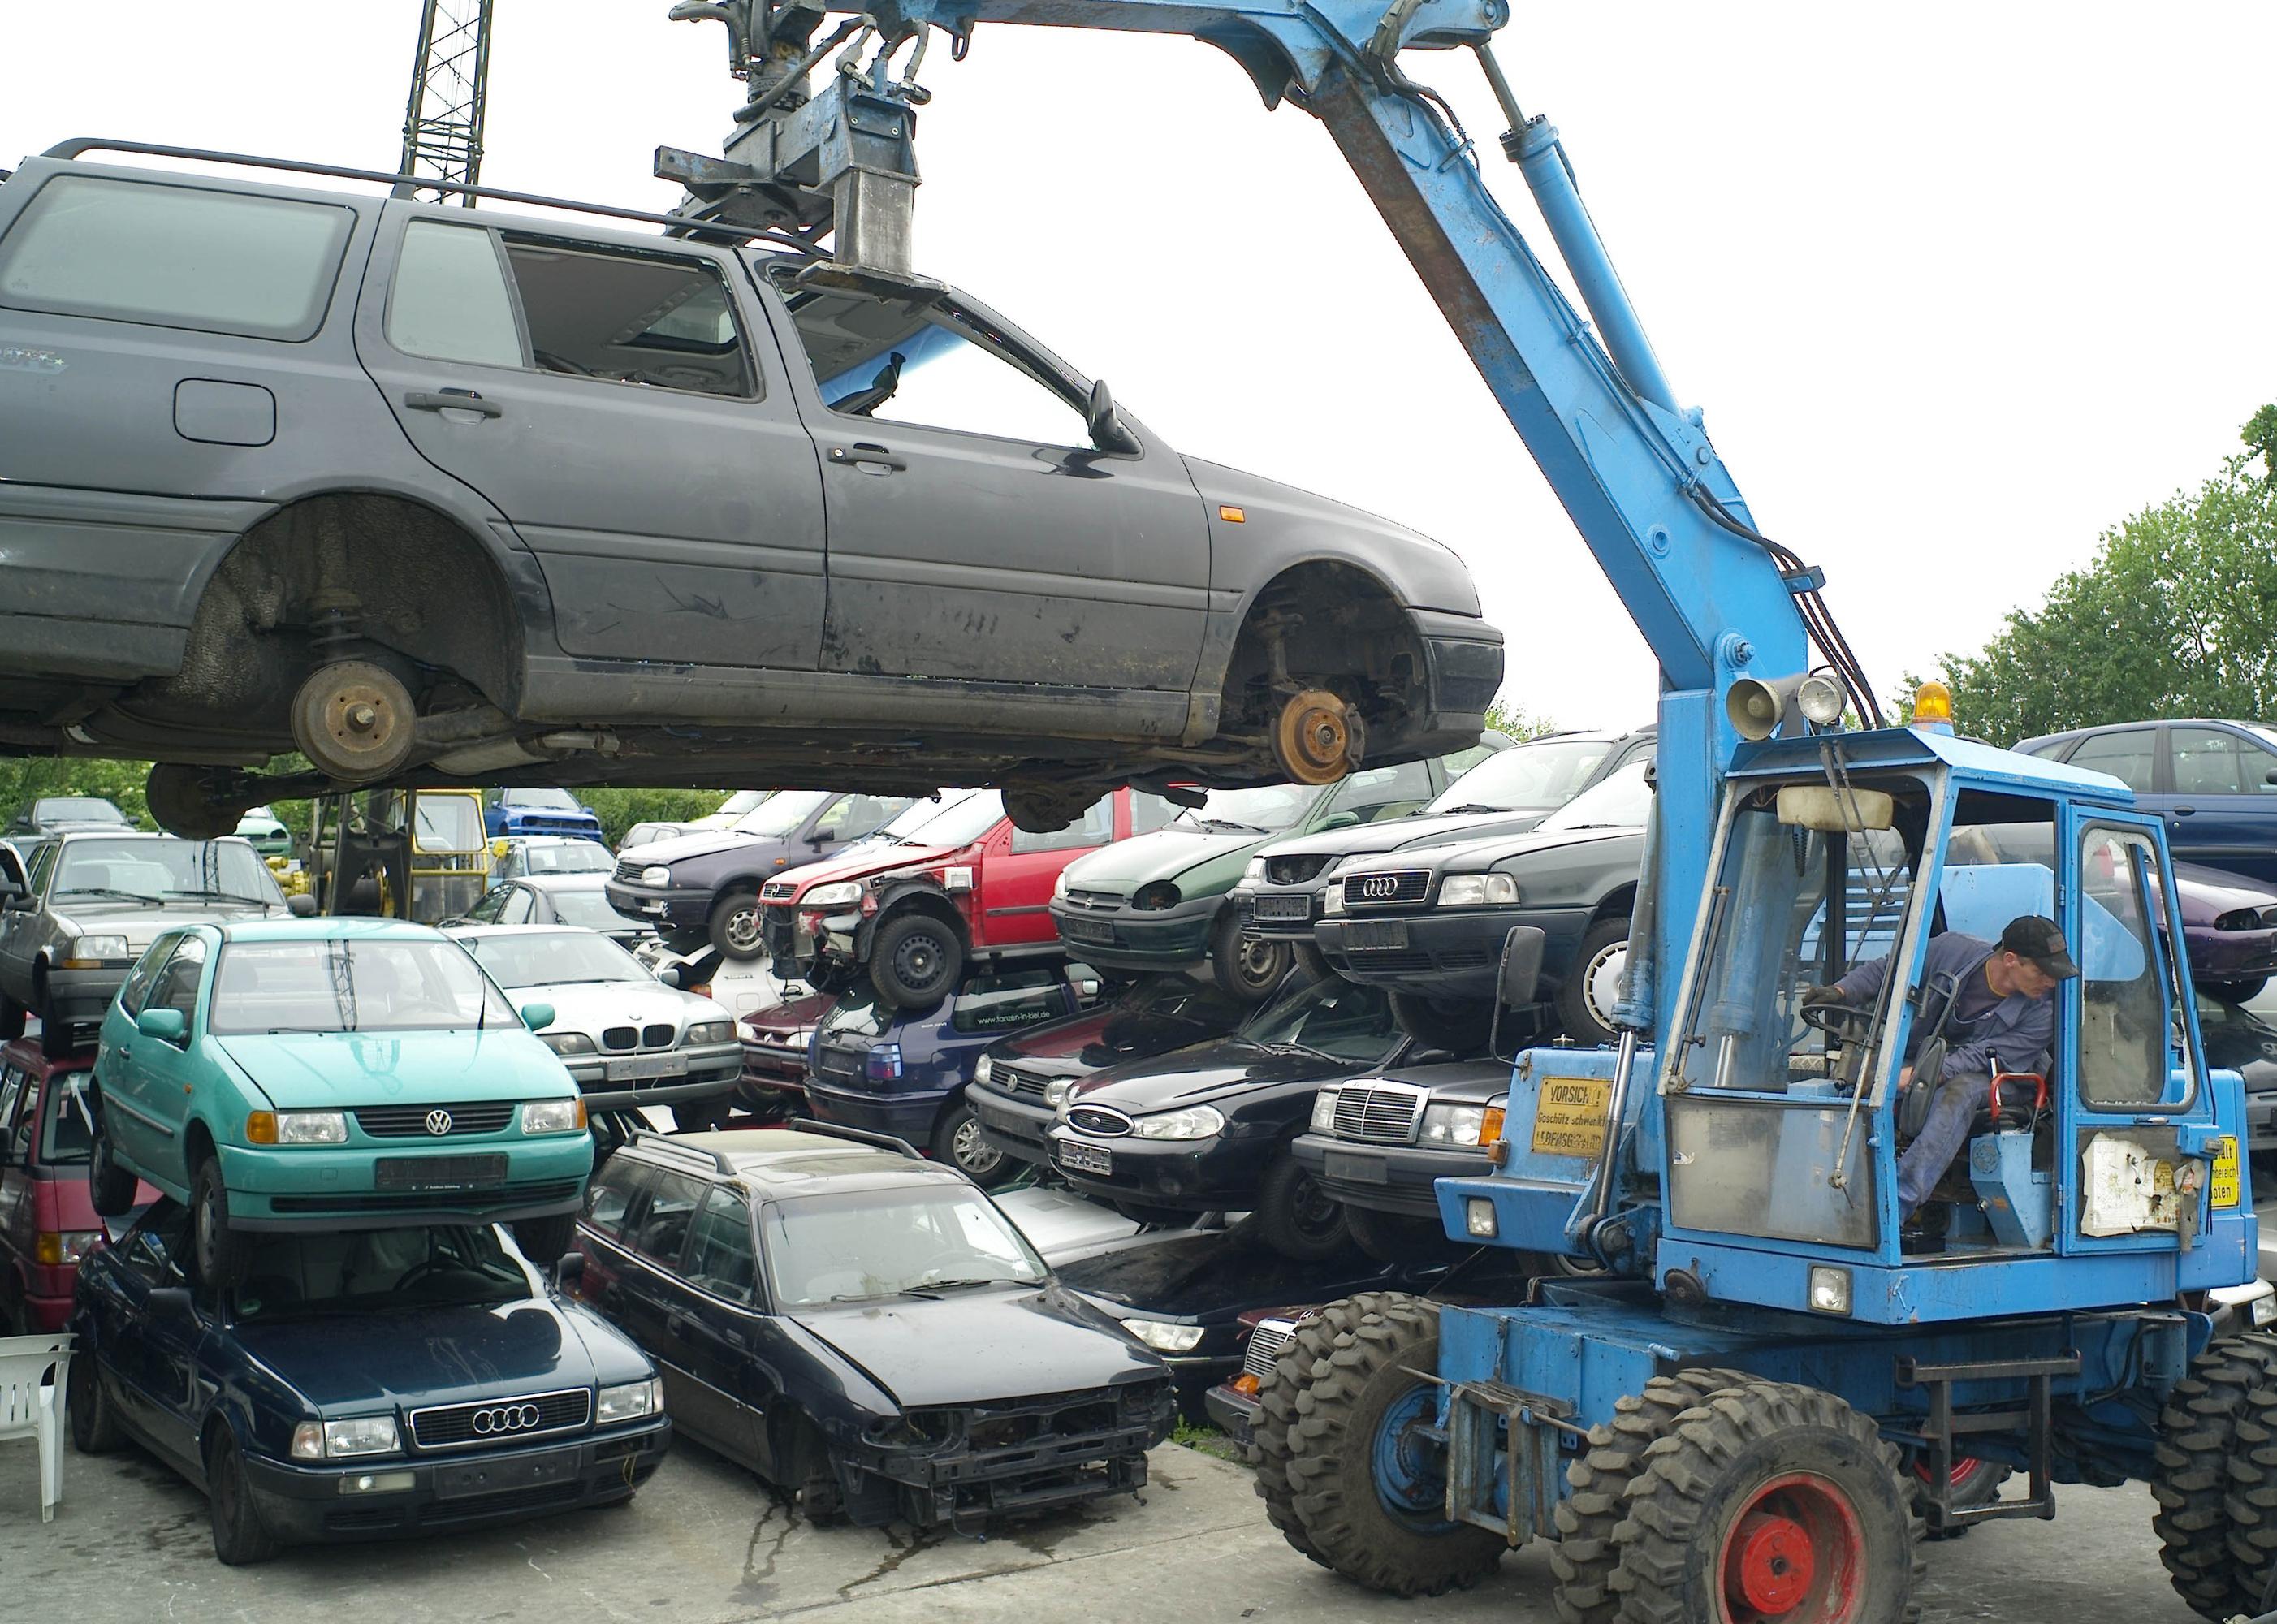 Прием и утилизации поддержанных автомобилей в городе Киль. Архив